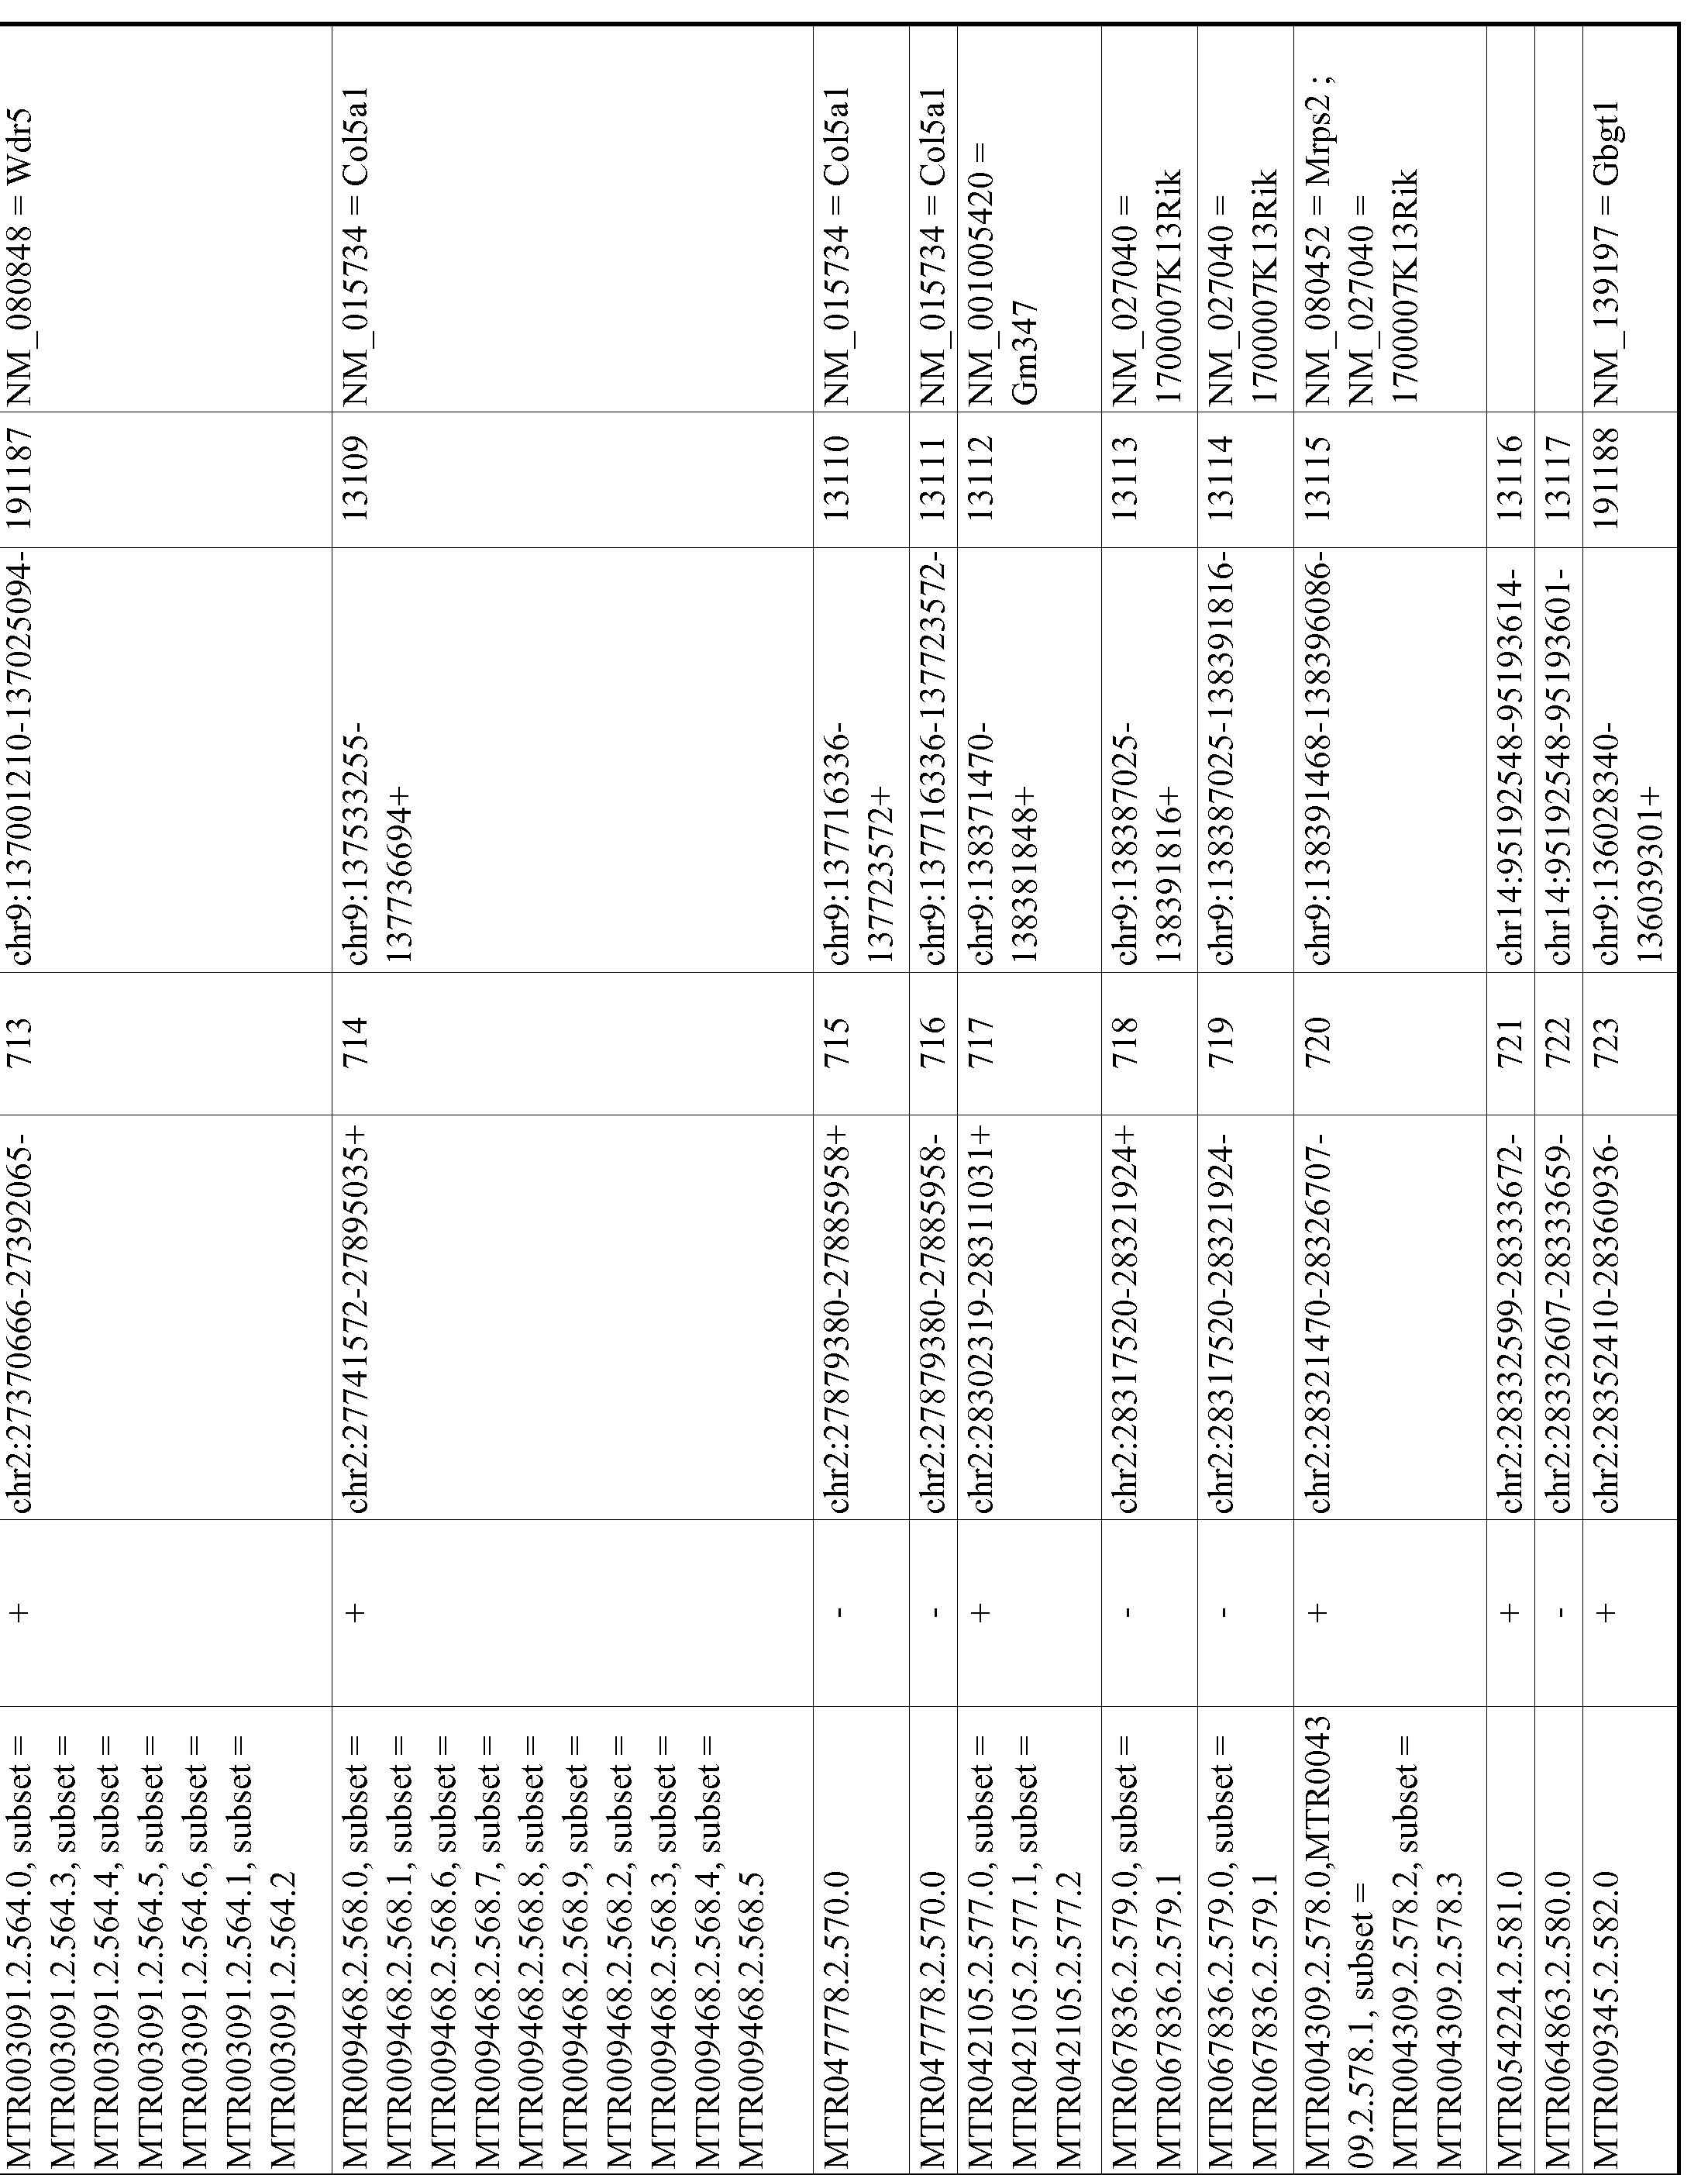 Figure imgf000264_0001